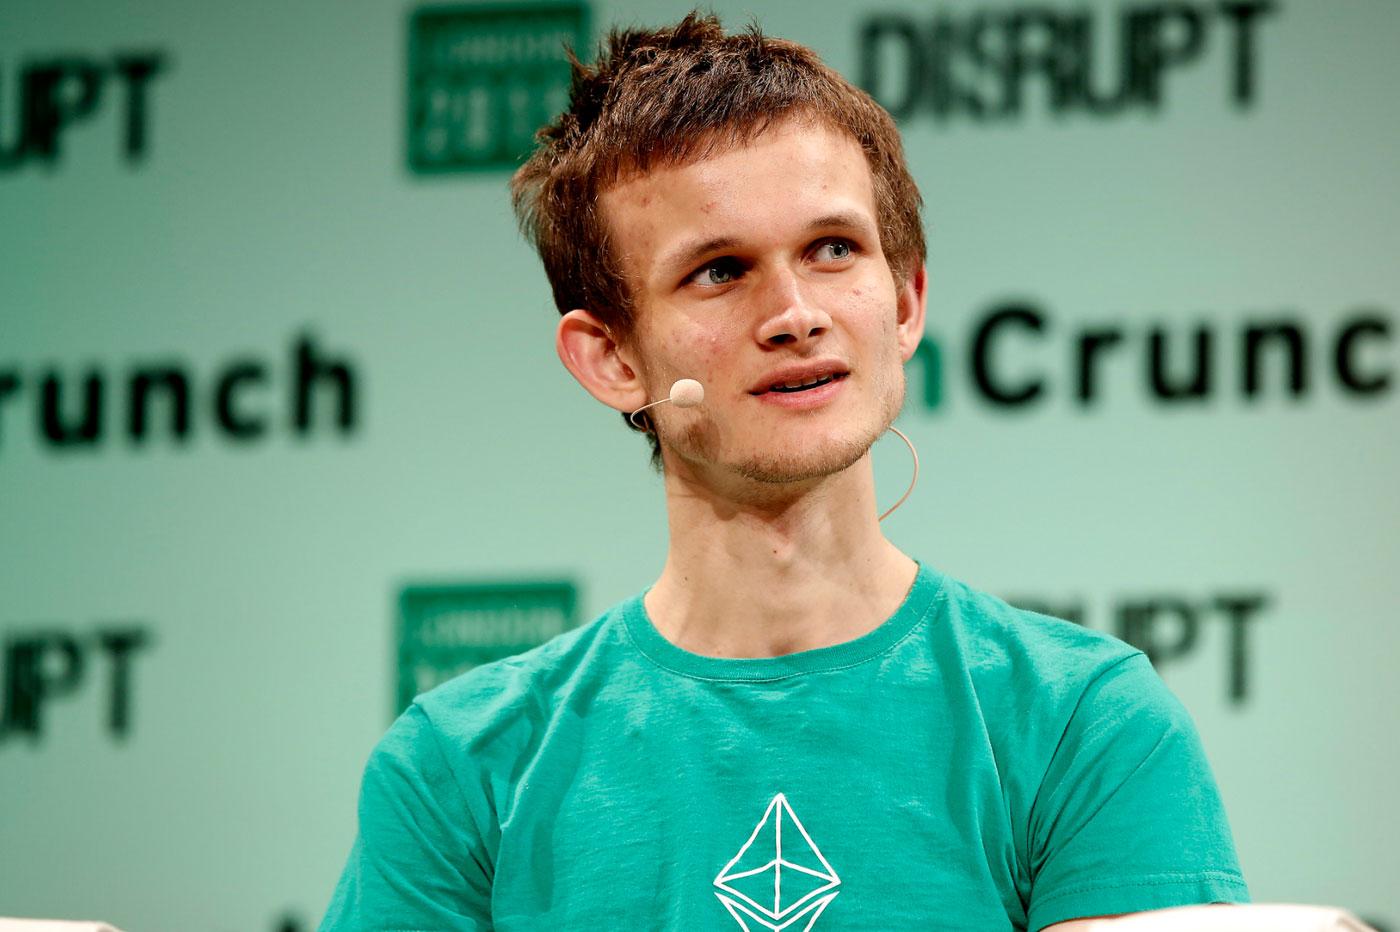 Un gérant de hedge fund a suivi les transactions enregistrées par le portefeuille principal de Vitalik Buterin, le fondateur d'Ethereum. Il affirme que celui-ci aurait encaissé plus de 40M$ au moment où l'Ethereum atteignait un niveau record.